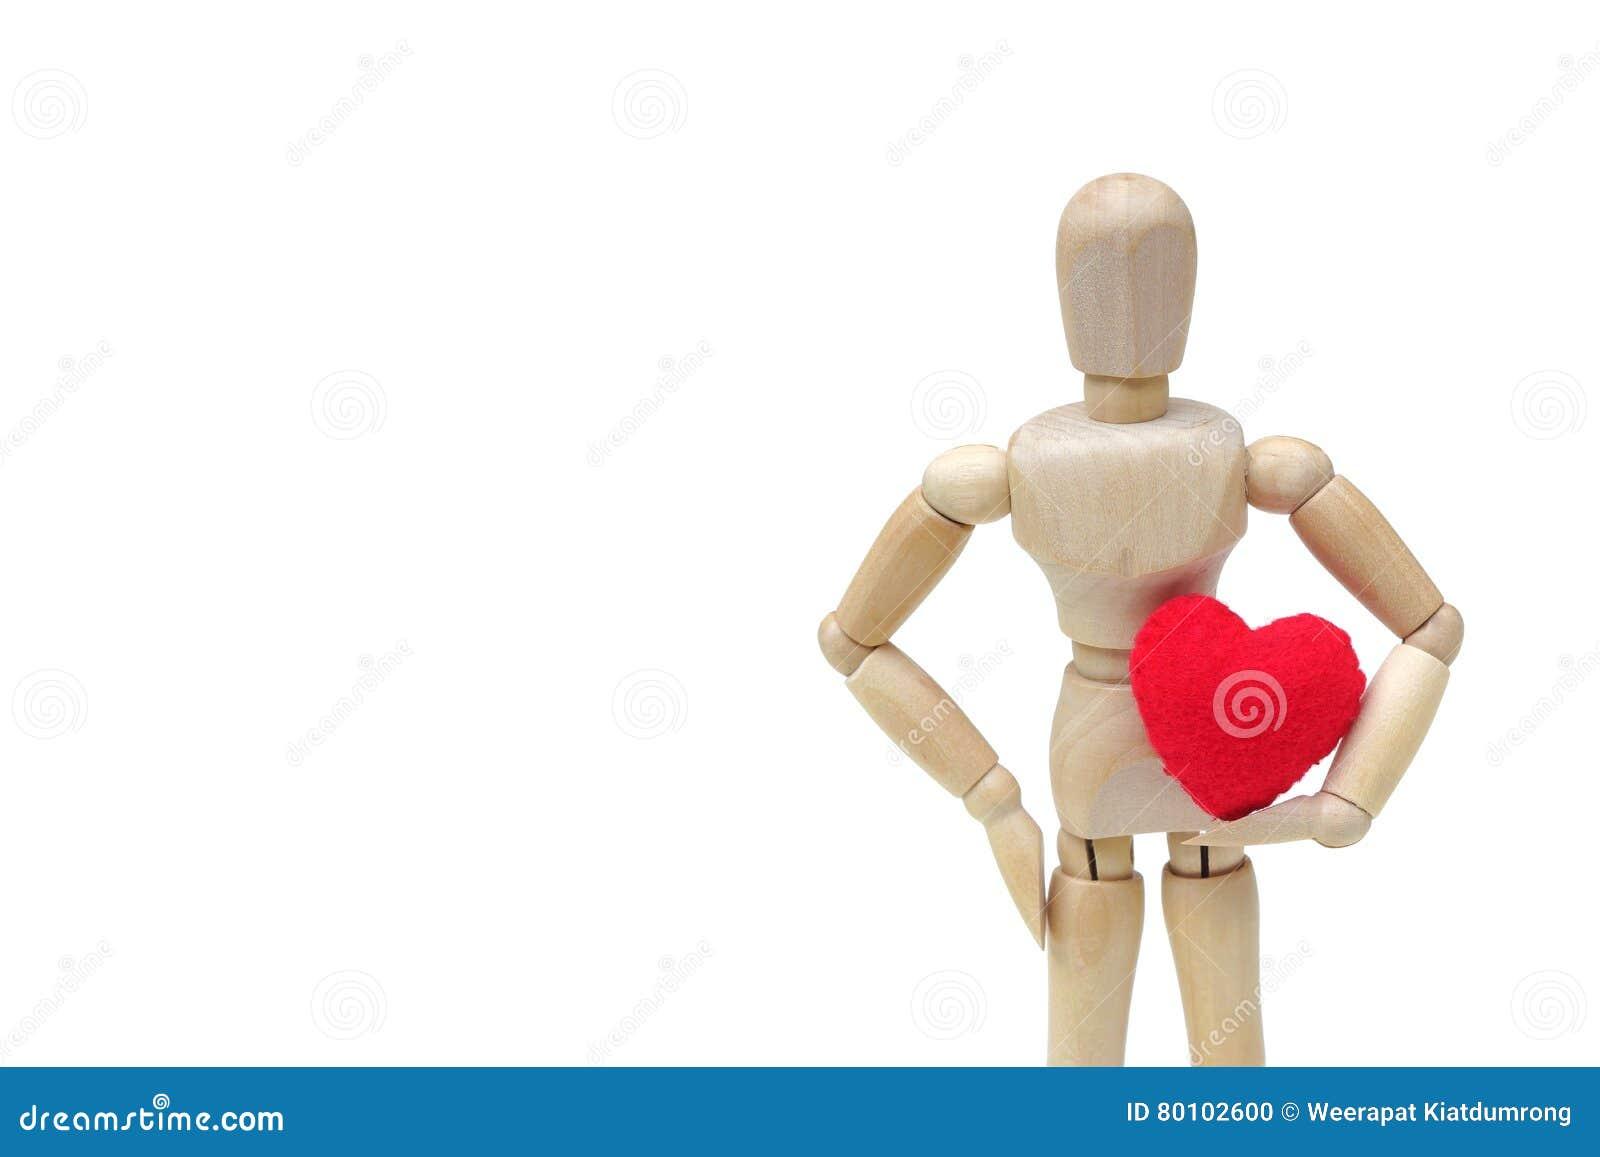 Guardarando o coração vermelho